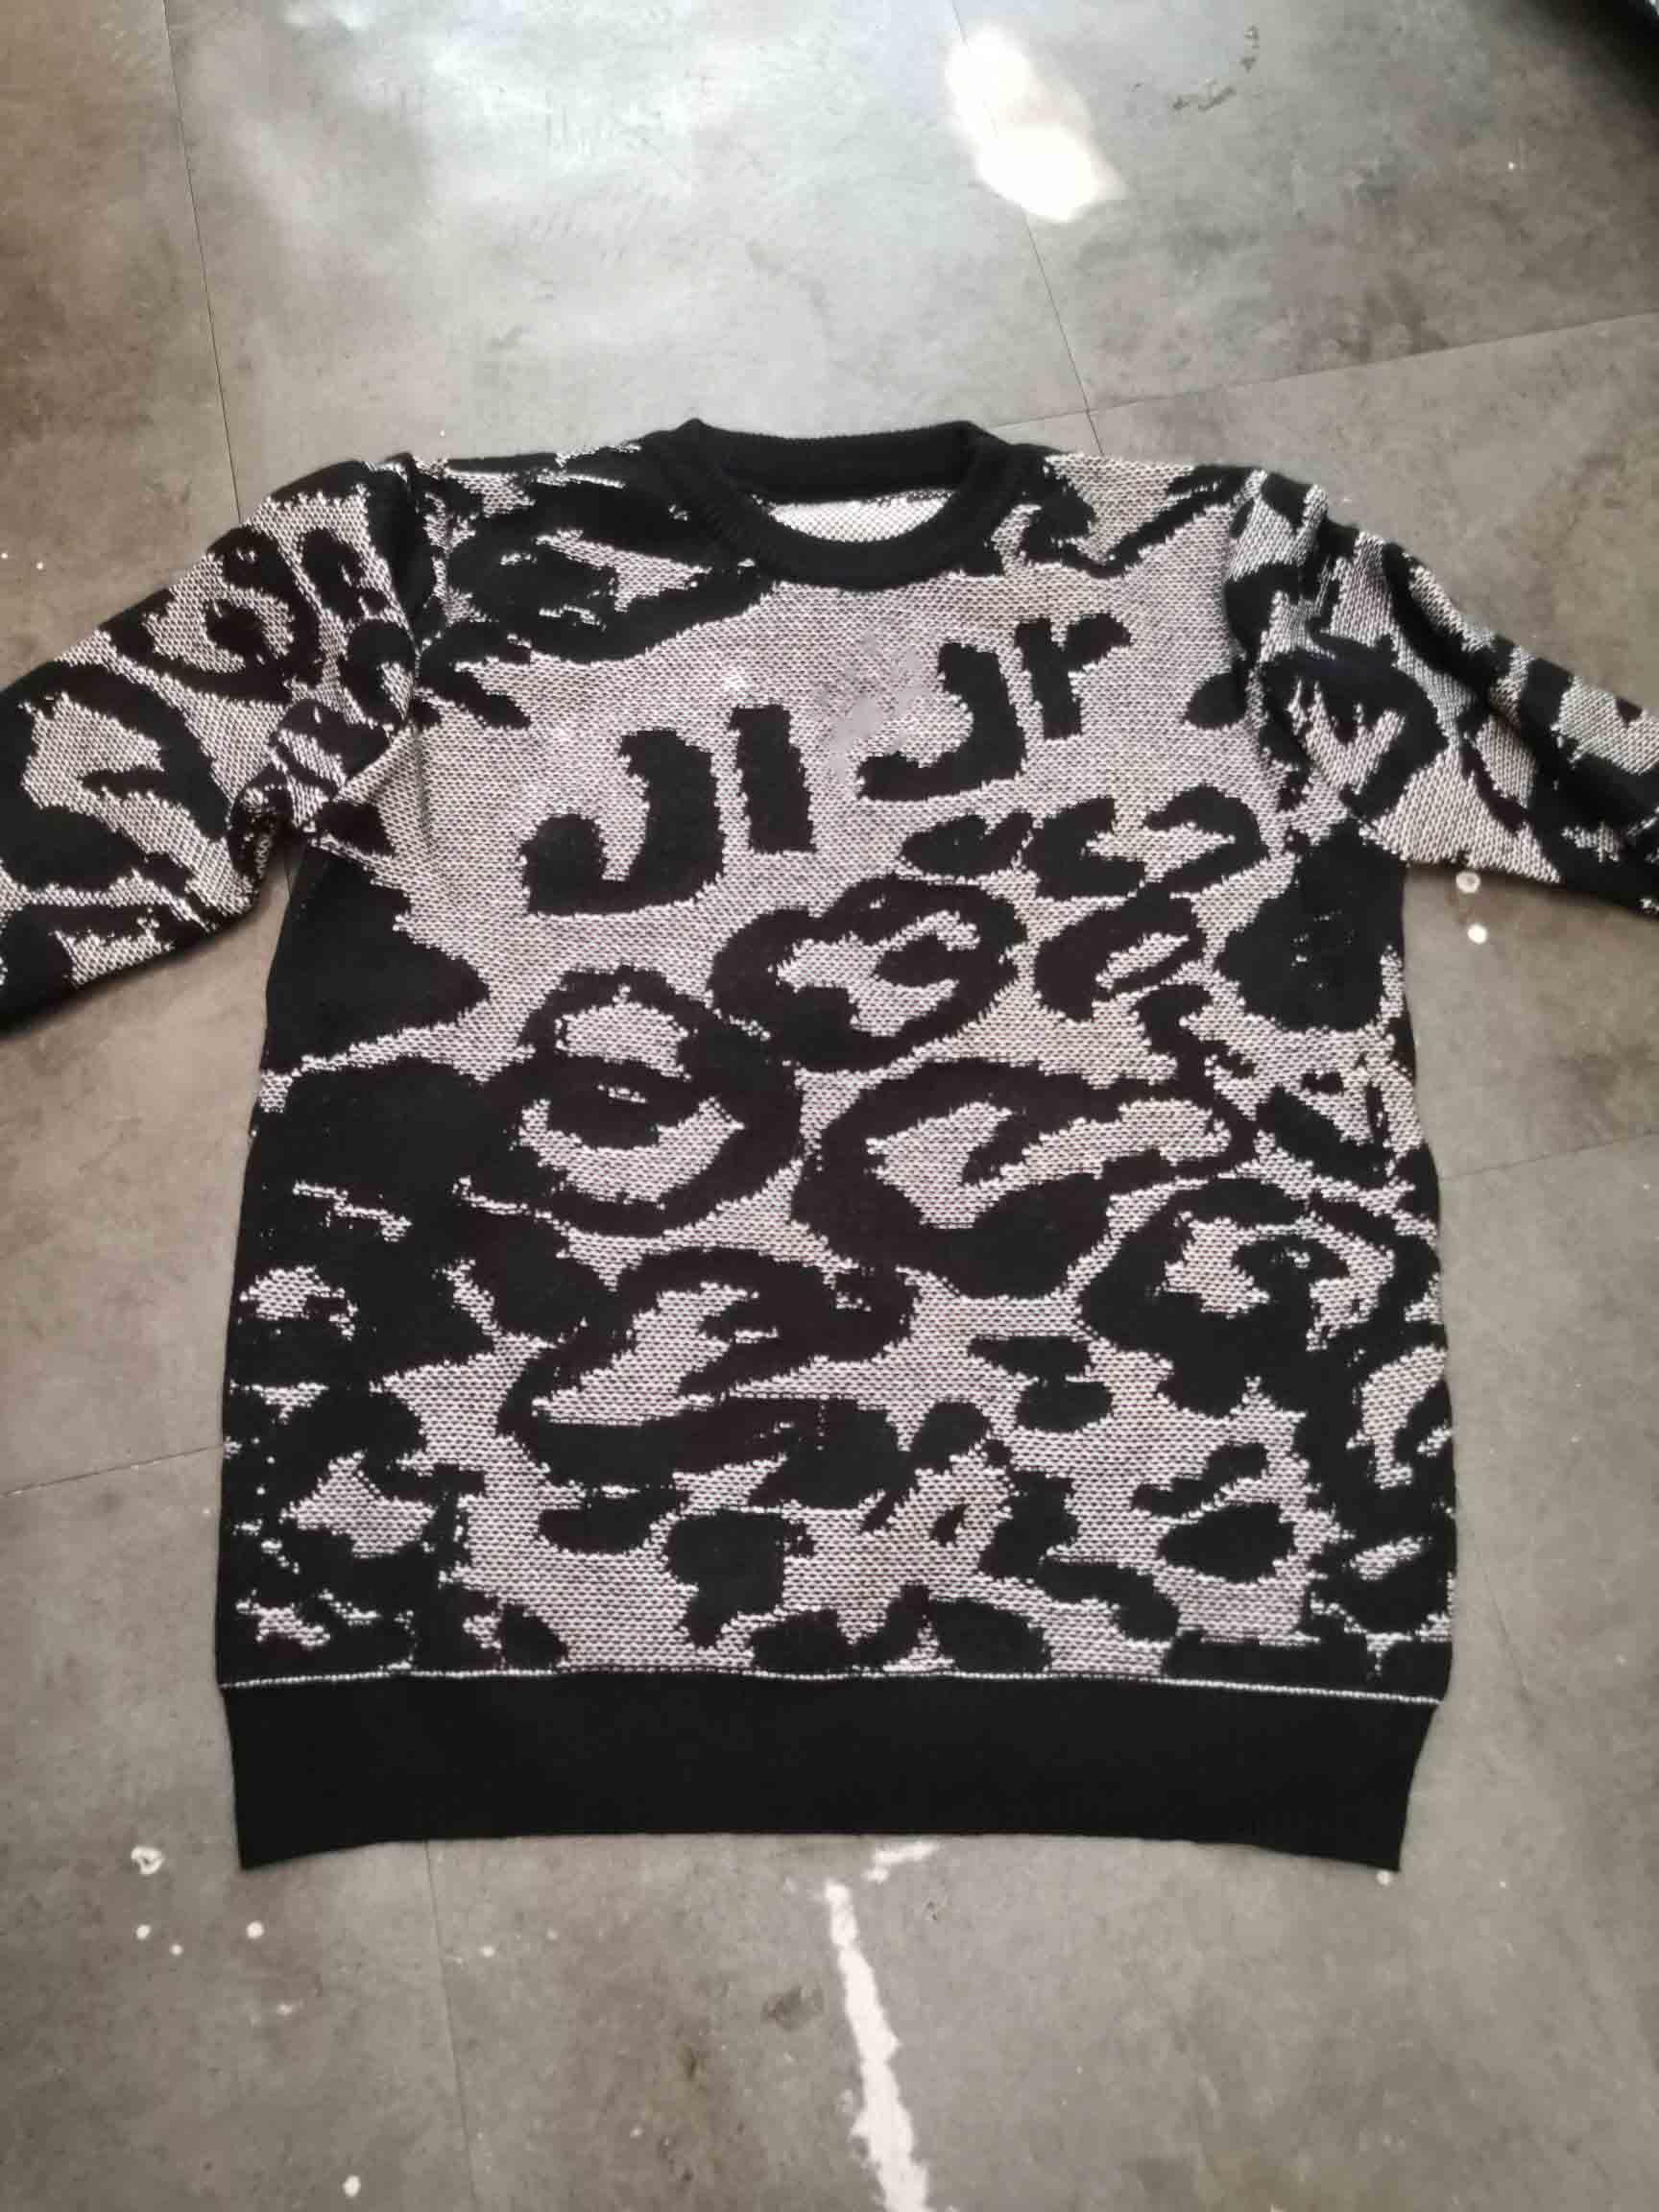 Qualität High 20 Giv Luxury Street Designer Marke Herren Hoodies Hoodie Mode Wear Hop Monster Hüfte Kleine Baumwolle Sweatshirt Hoodie Sweat Pvjm